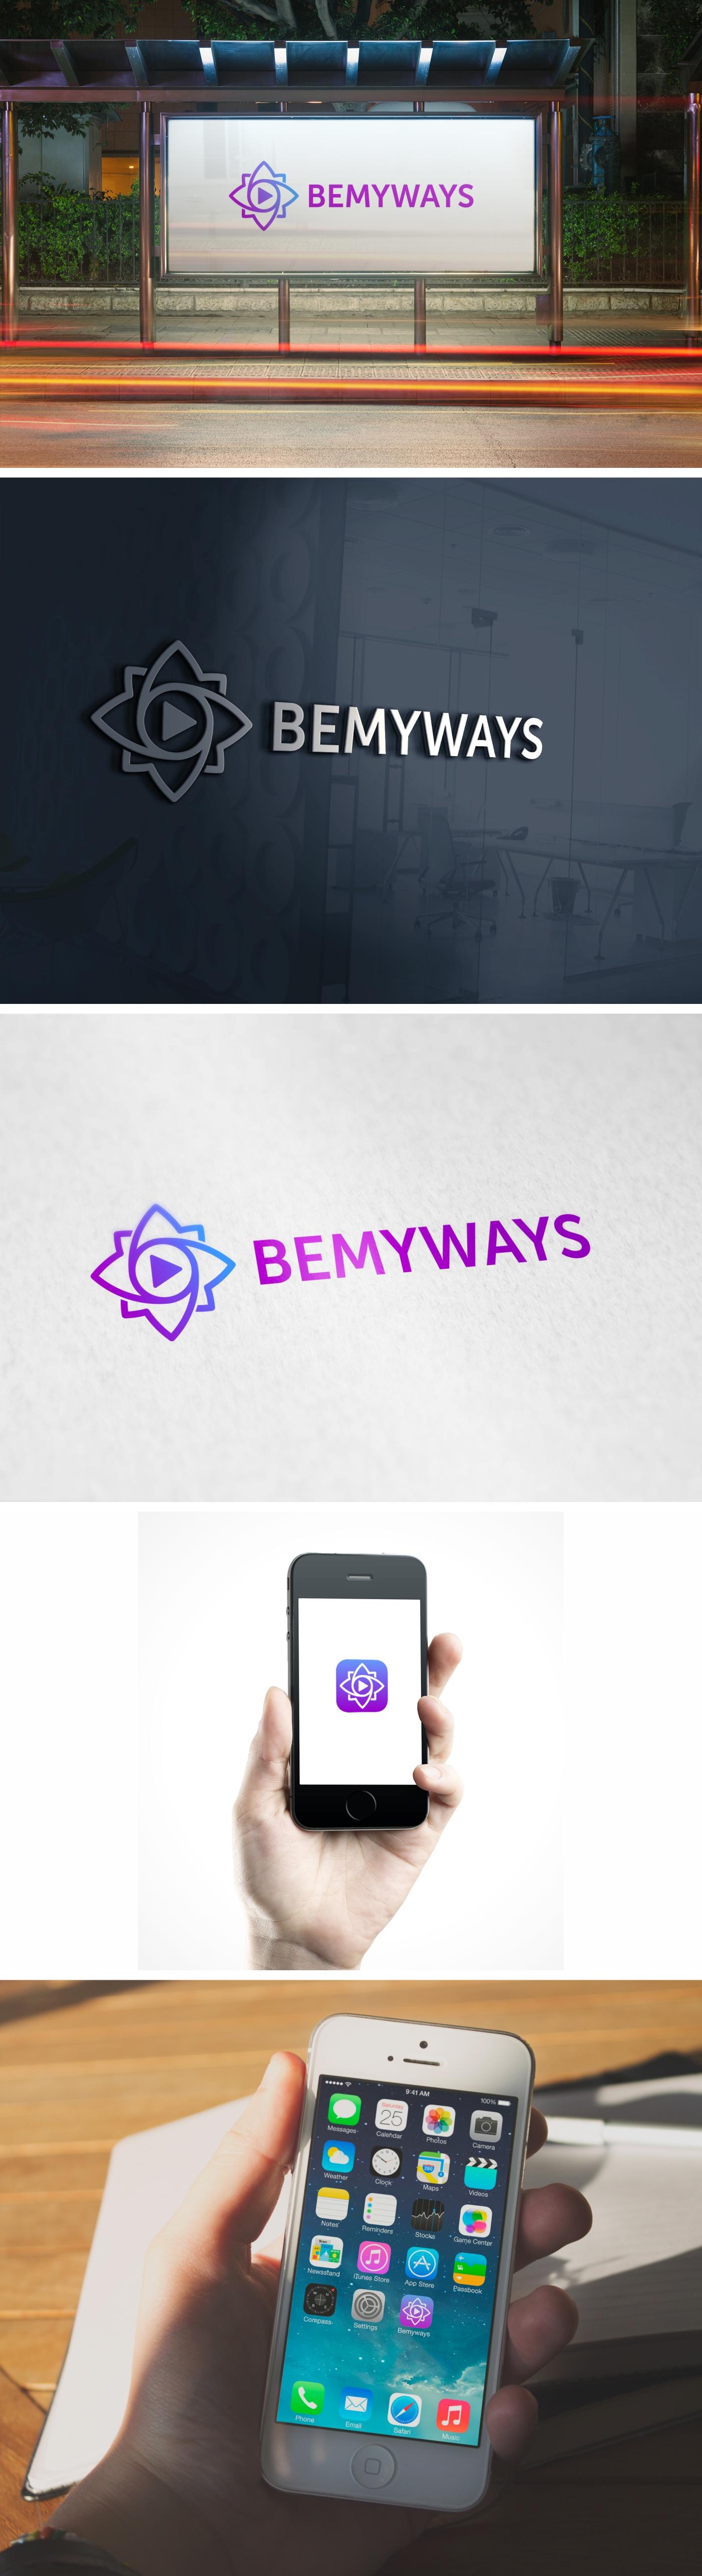 Разработка логотипа и иконки для Travel Video Platform фото f_0365c3c1ec84c77d.jpg